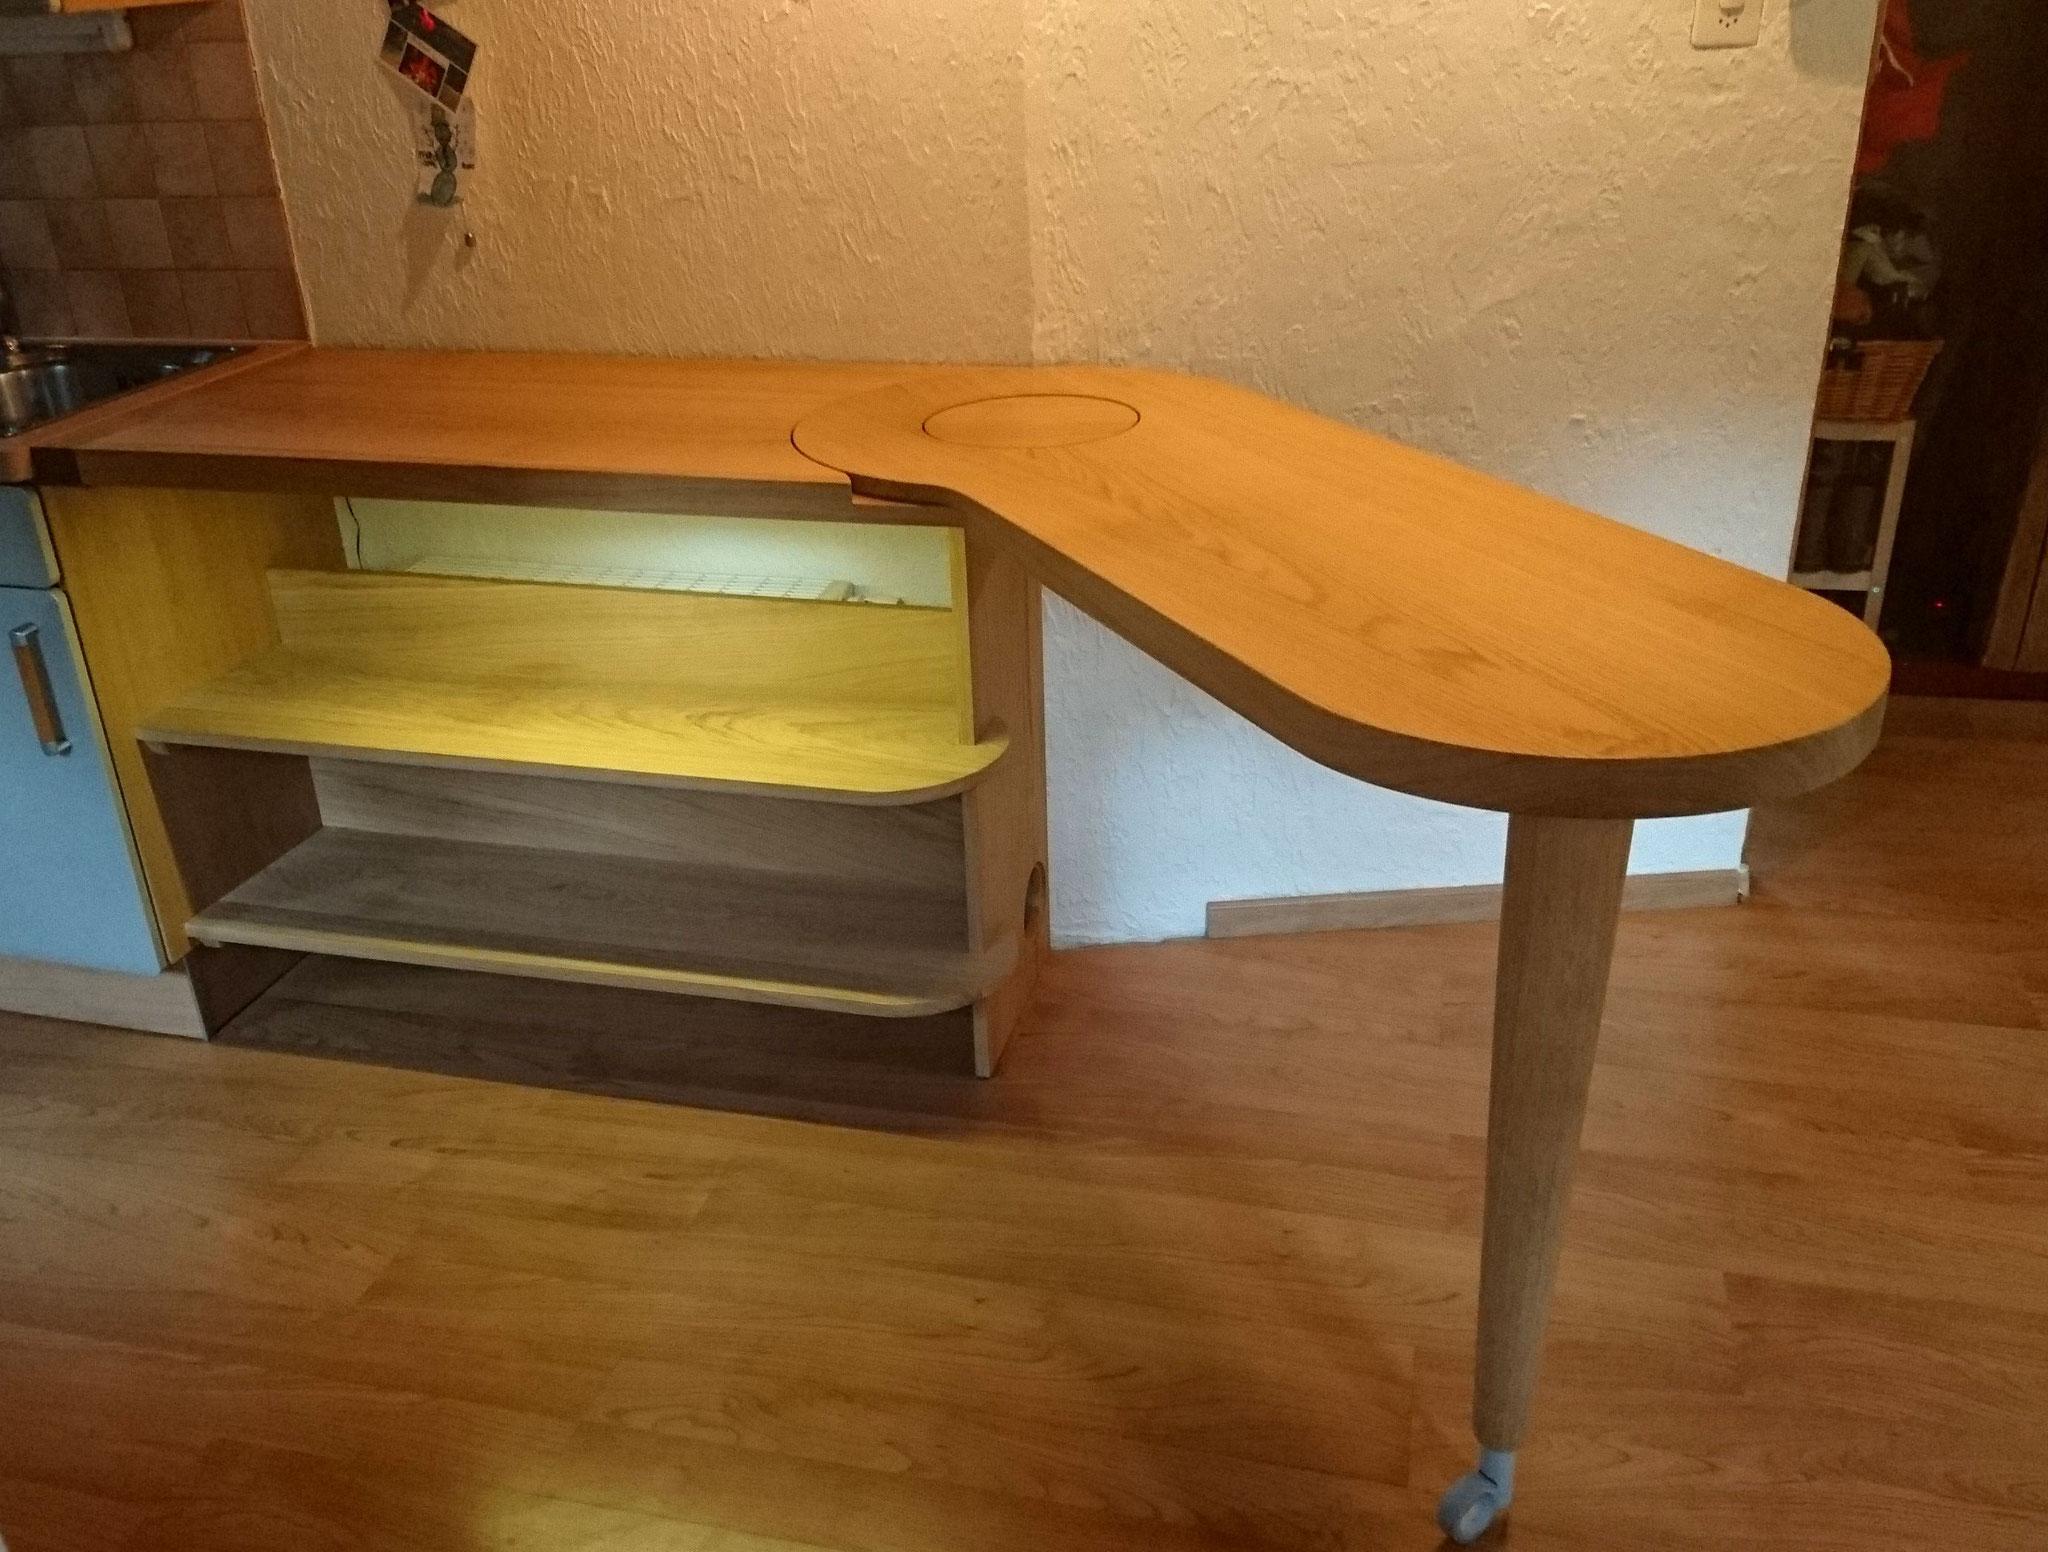 Plan De Travail Mobile mobiliers scolowood - scolowood création d'objets insolites